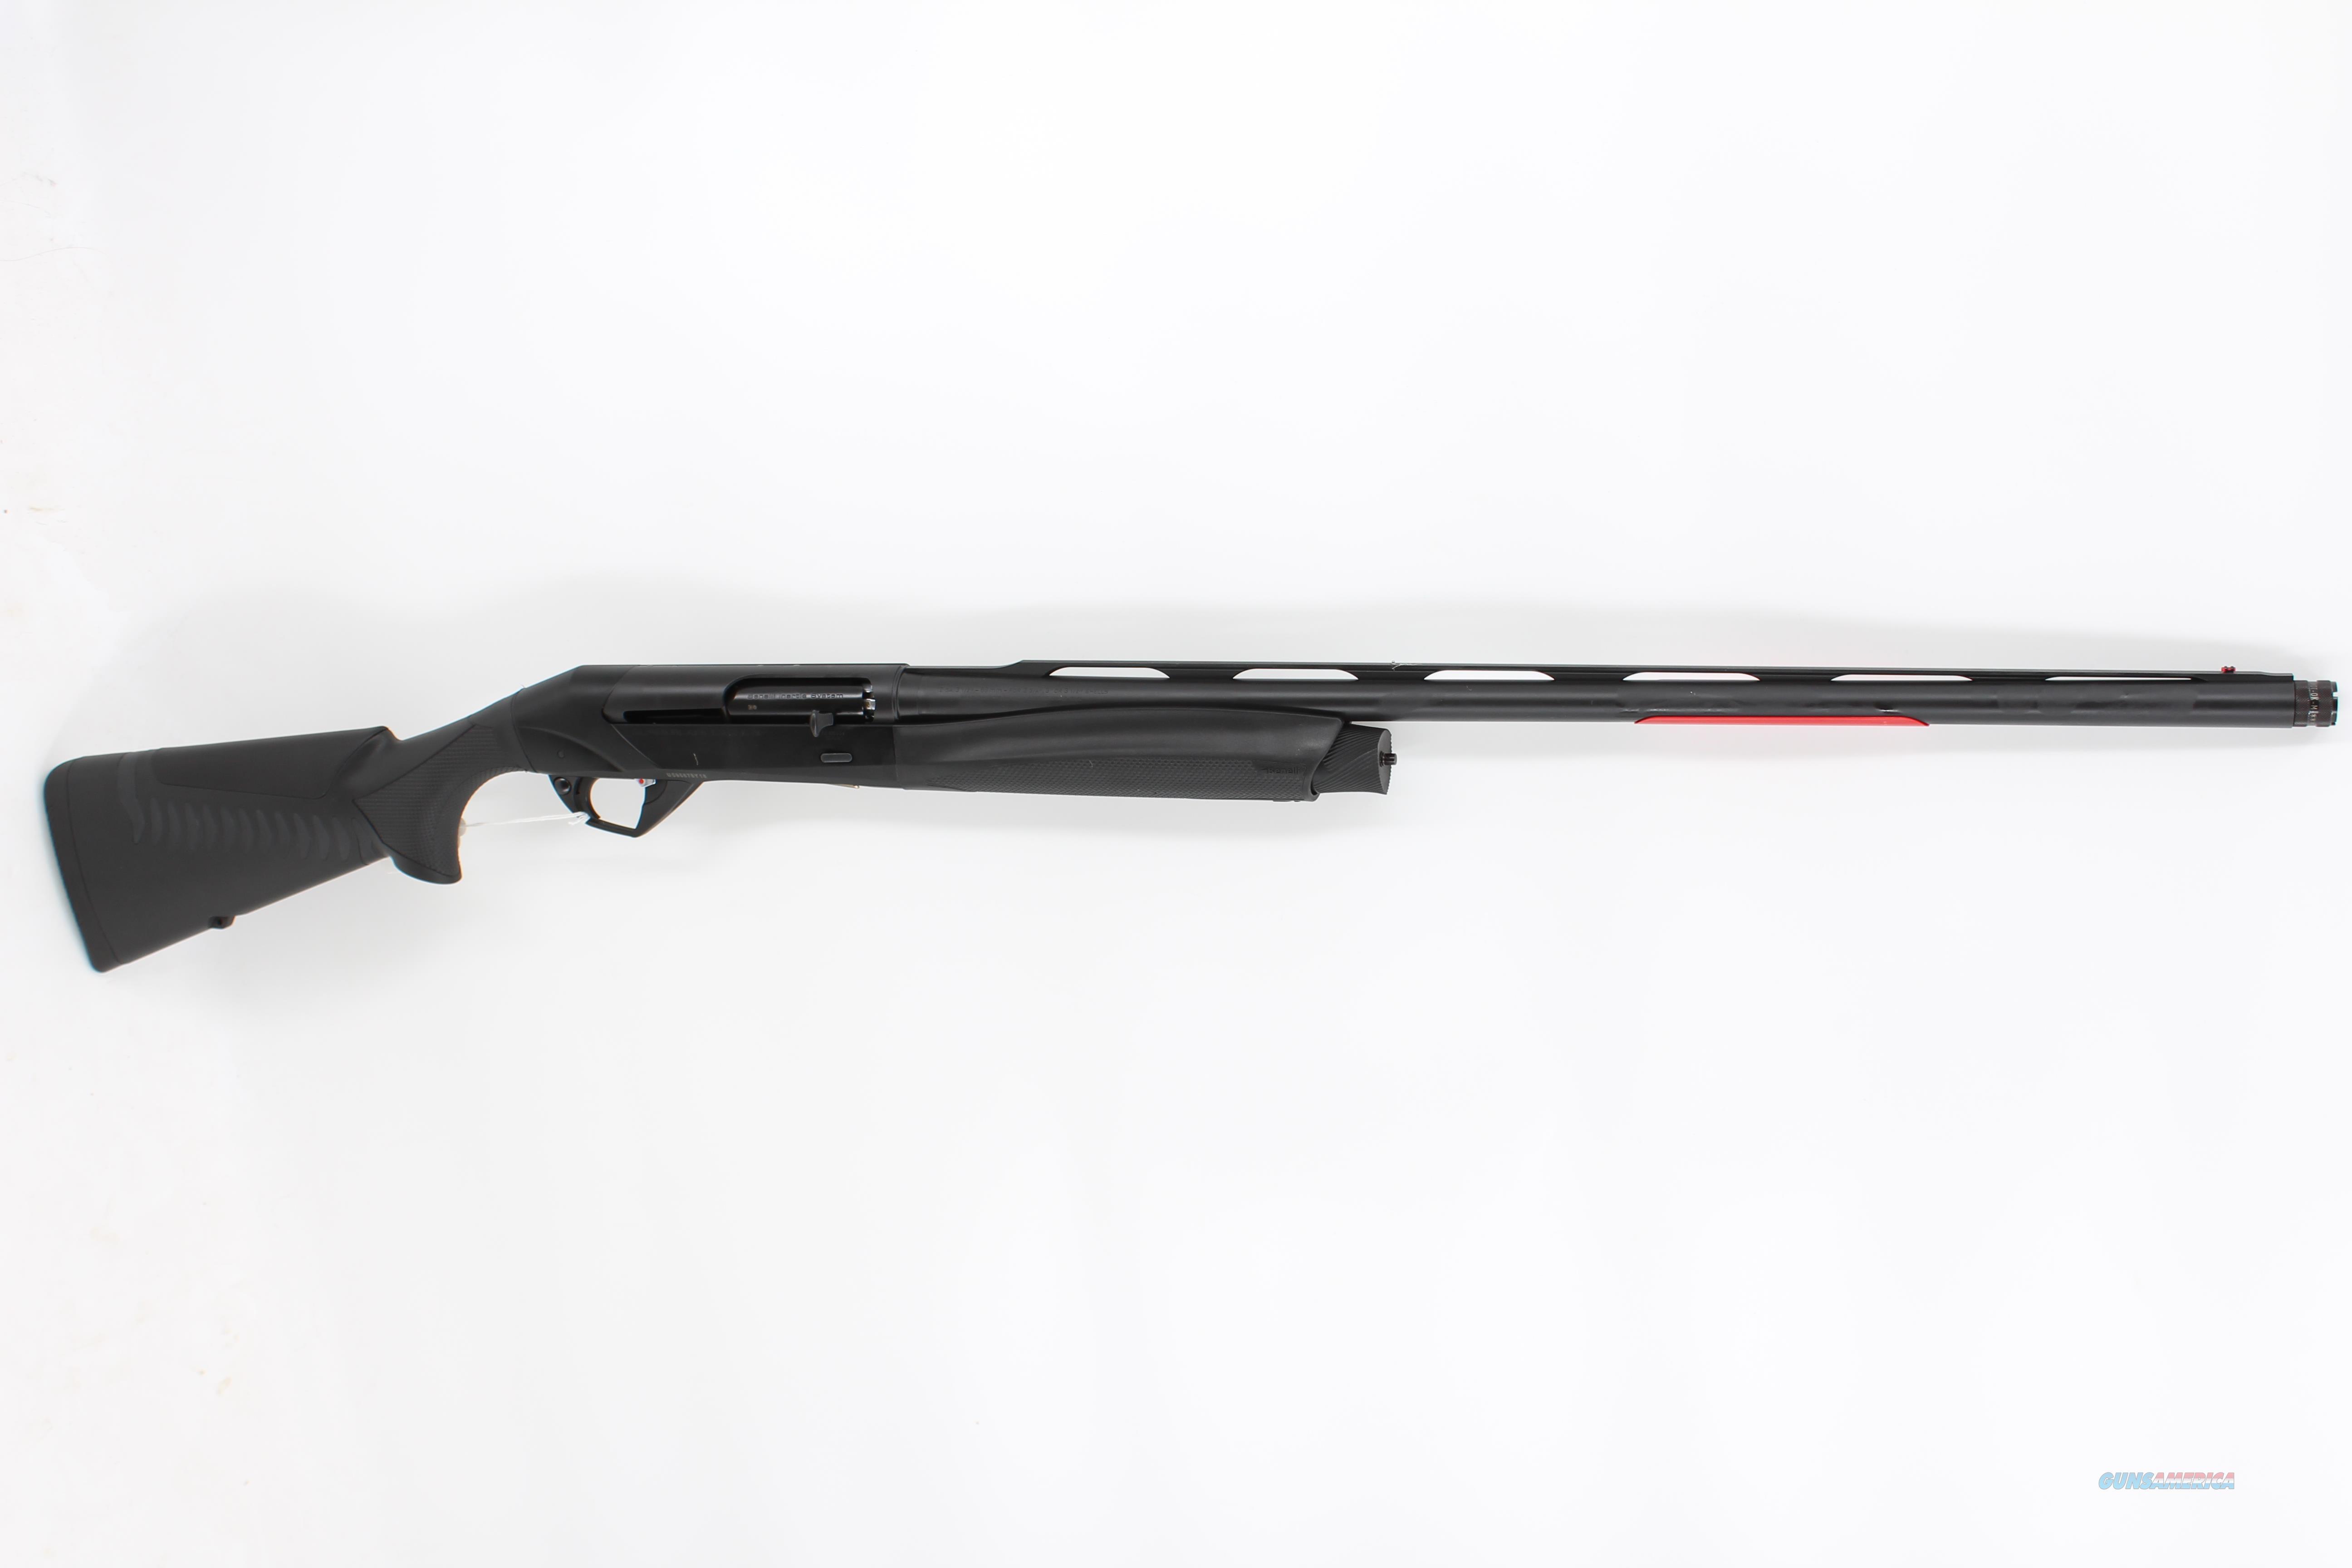 Benelli SBEIII Black 12/26 10321 FREE SHIPPING  Guns > Shotguns > Benelli Shotguns > Sporting